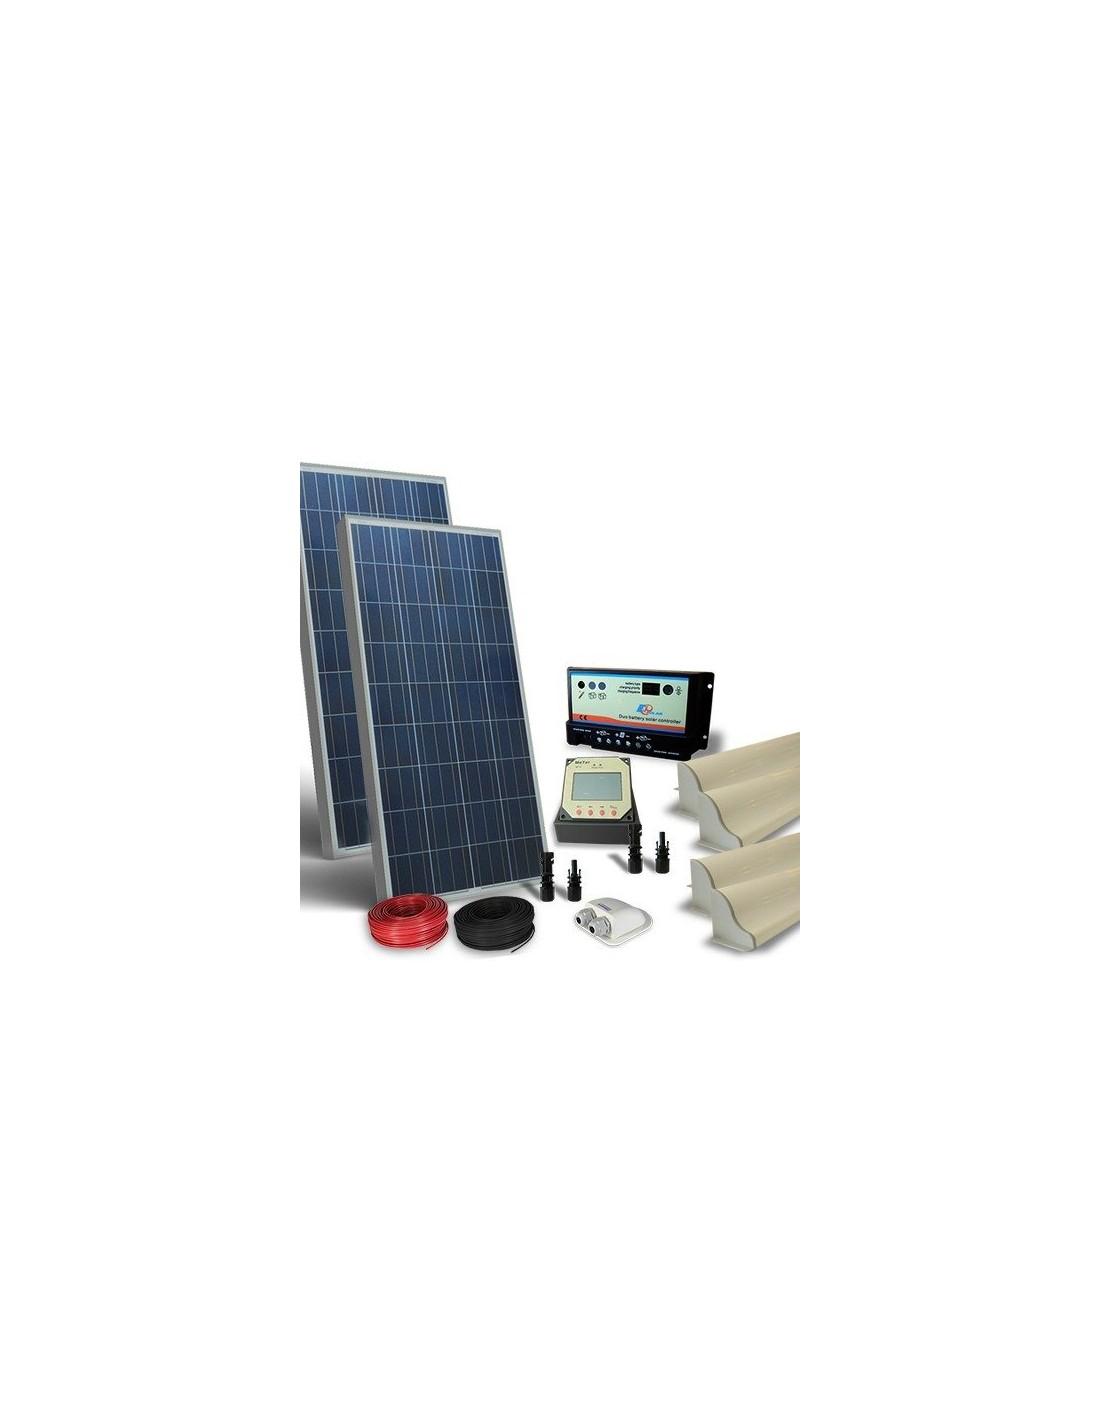 Mini Kit Pannello Solare : Kit solare camper w v pro pannello fotovoltaico